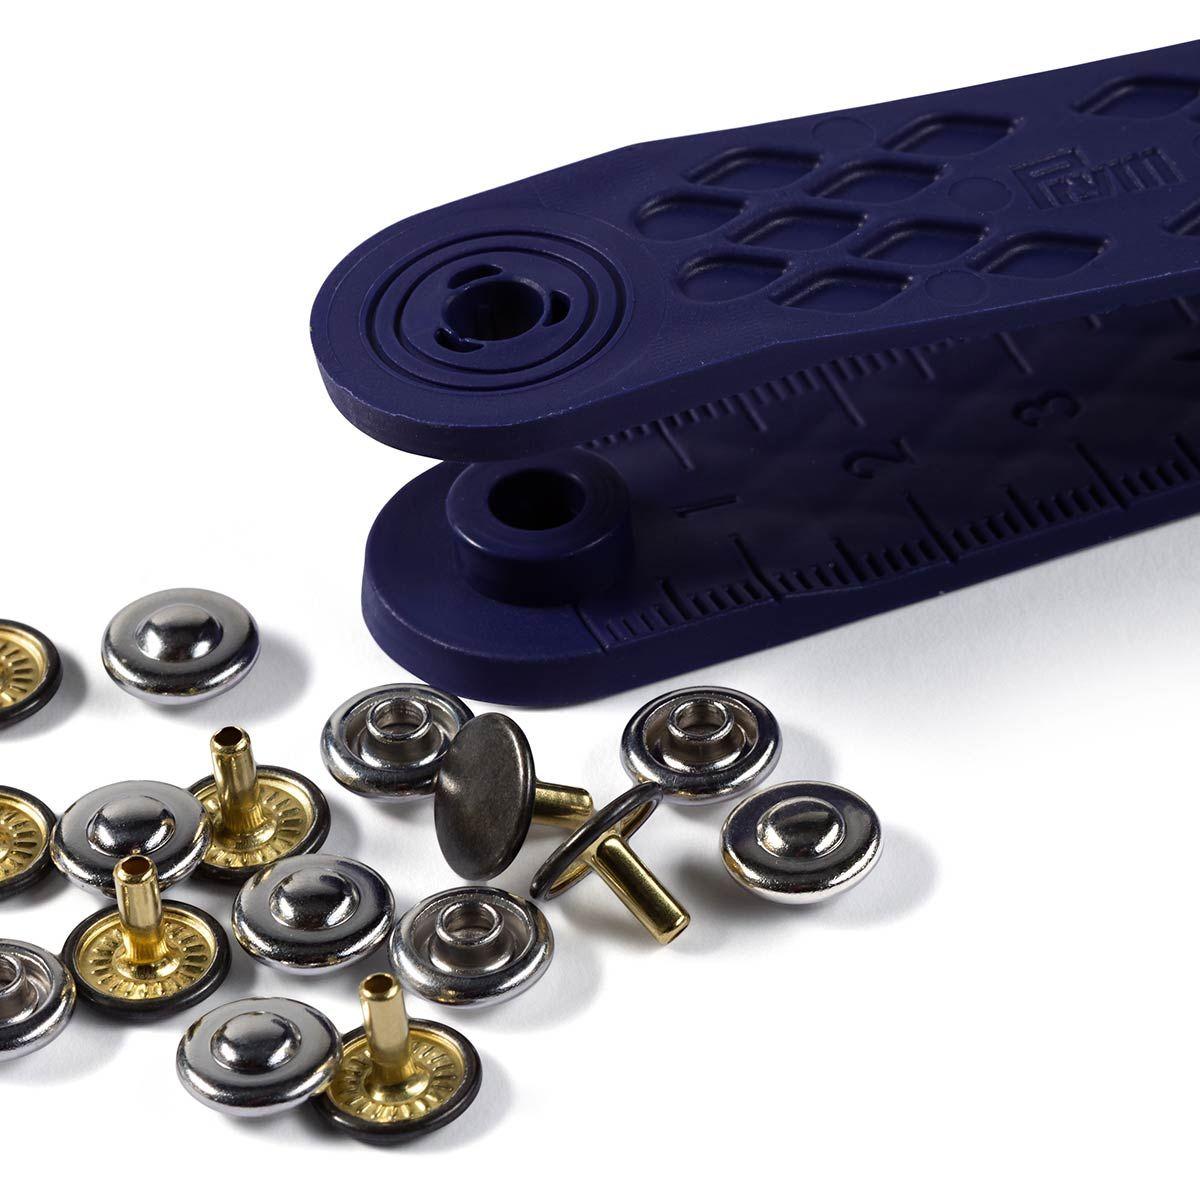 Boite 24 rivets 9 mm avec outil - Argent et Noir